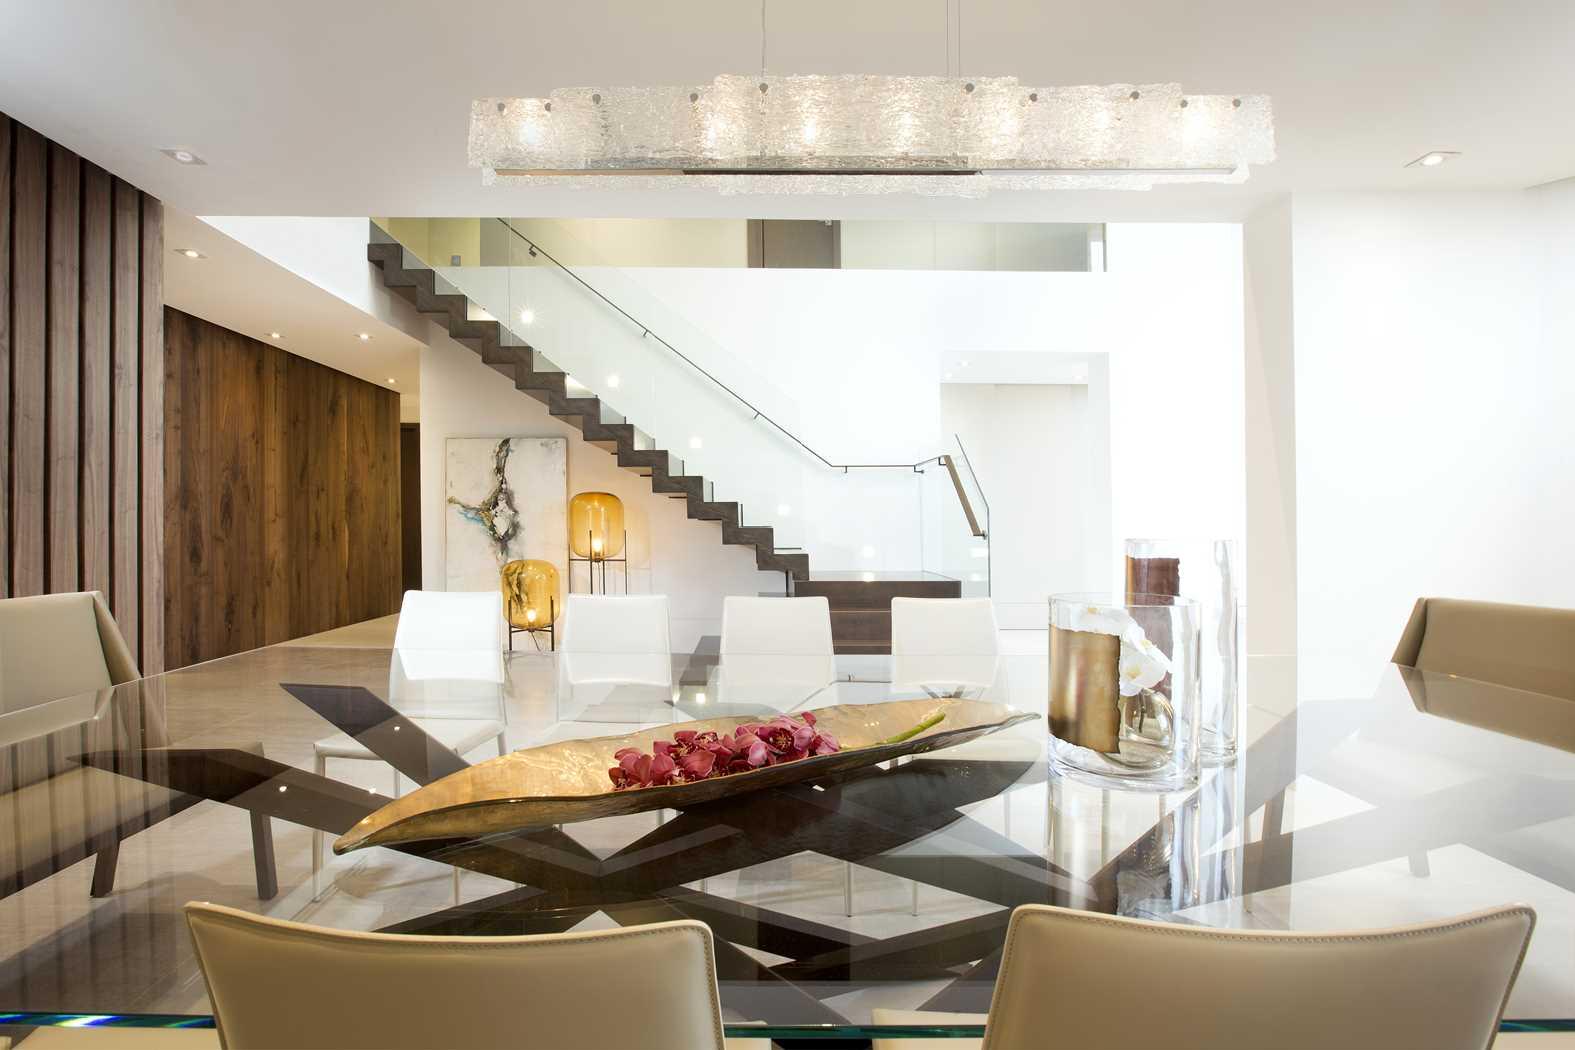 Contemporary home renovation by dkor interiors - Modern contemporary interior design ...